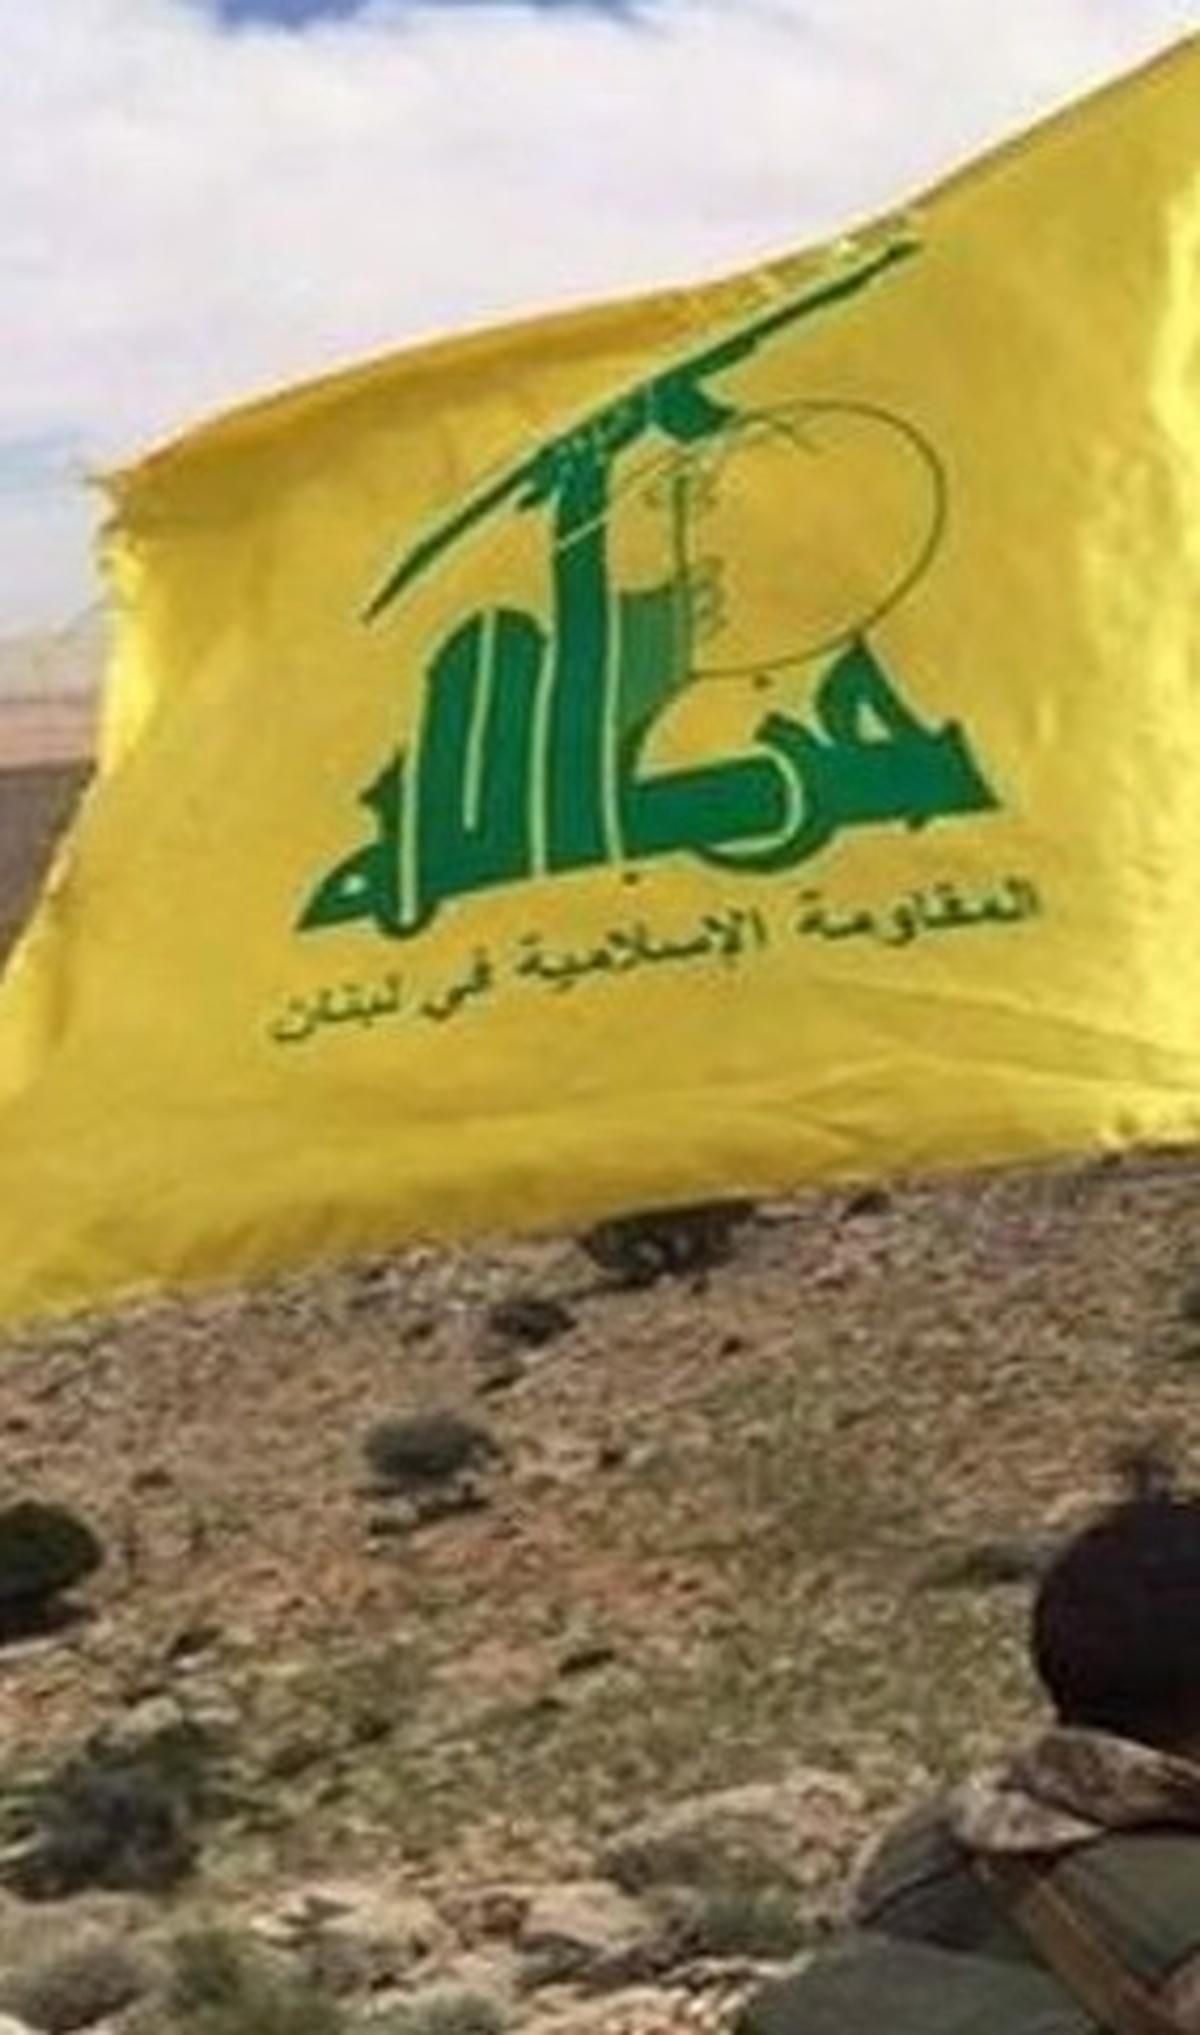 بازداشت مترجم ارتش امریکا به اتهام افشای اطلاعات برای حزبالله لبنان